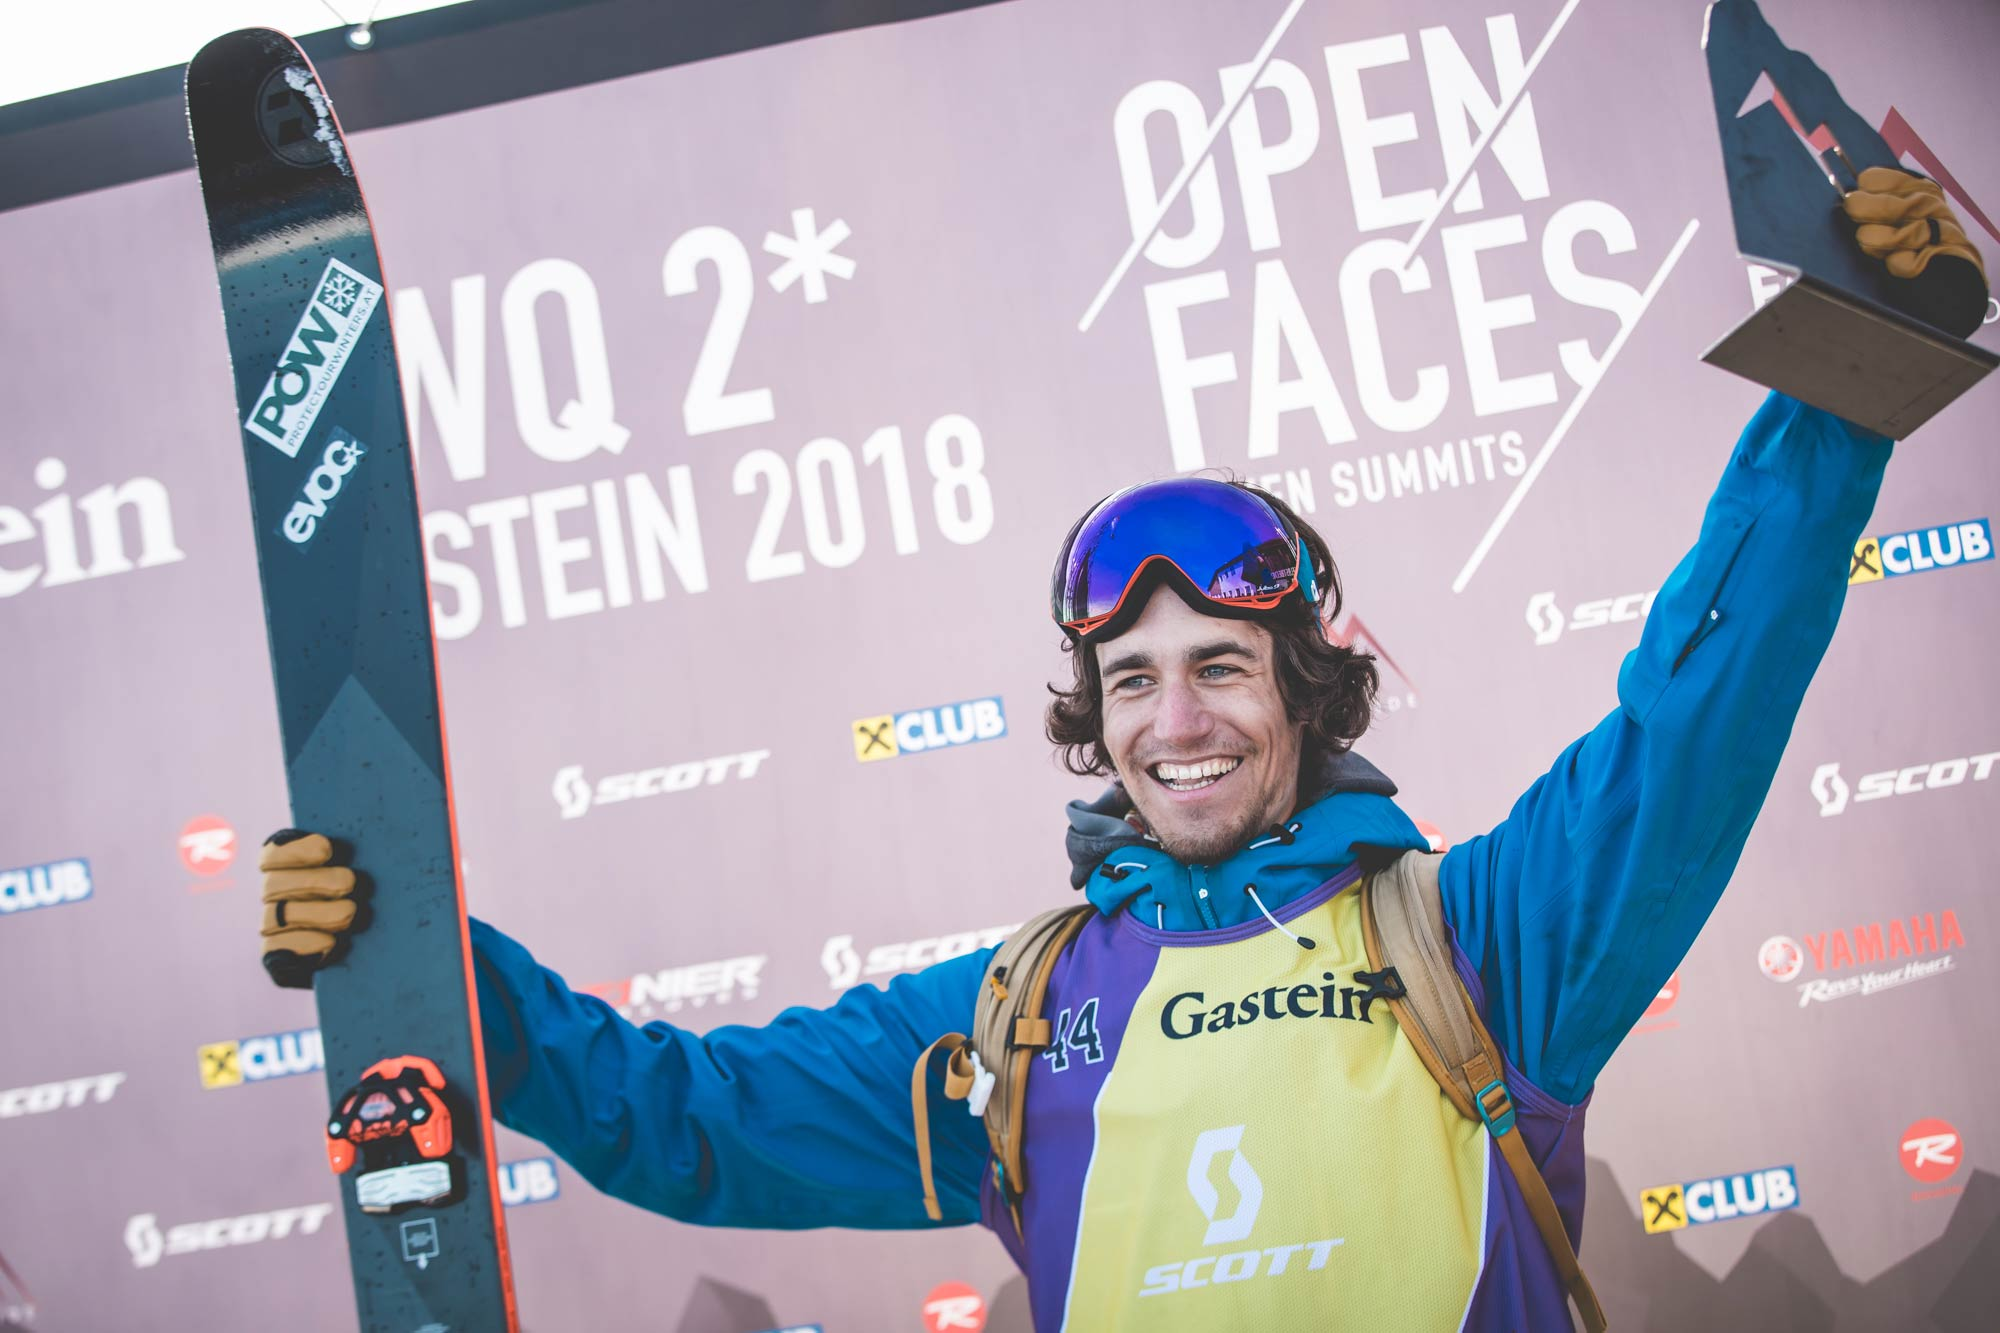 Hiersche und Ertl gewinnen beim Open Faces Freeride Contest in Gastein (2018)